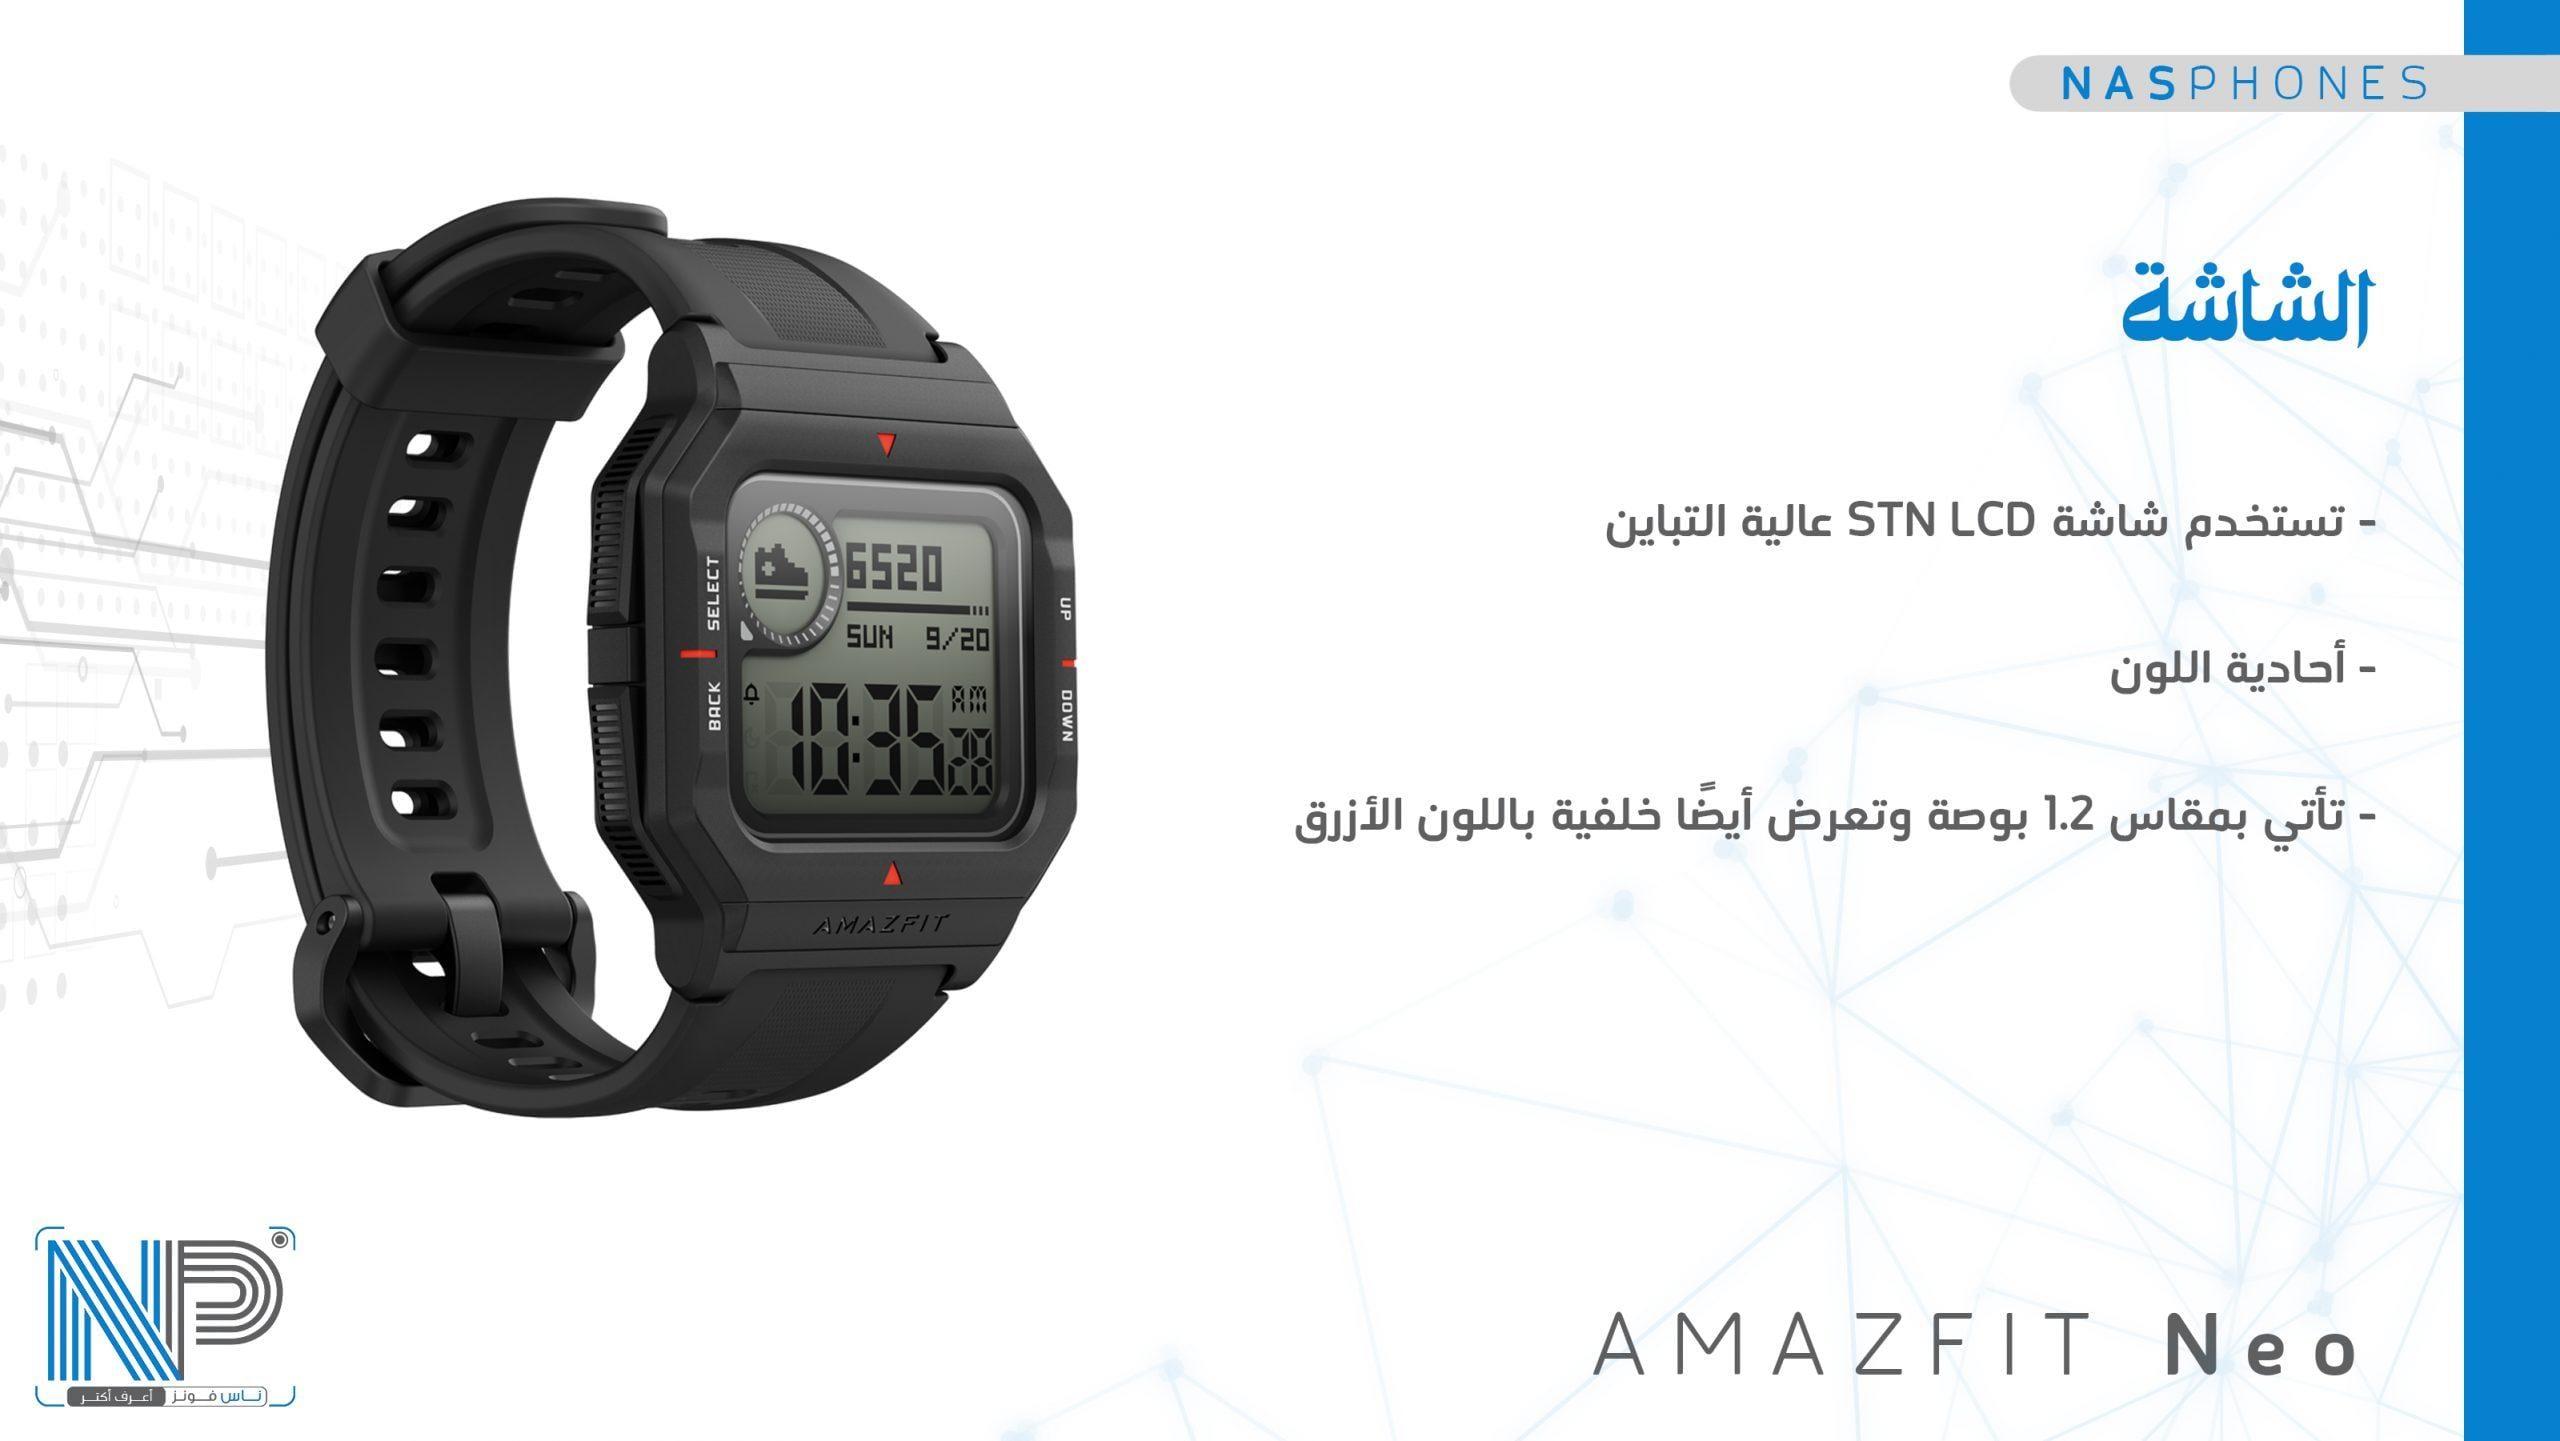 شاشة ساعة Amazfit Neo